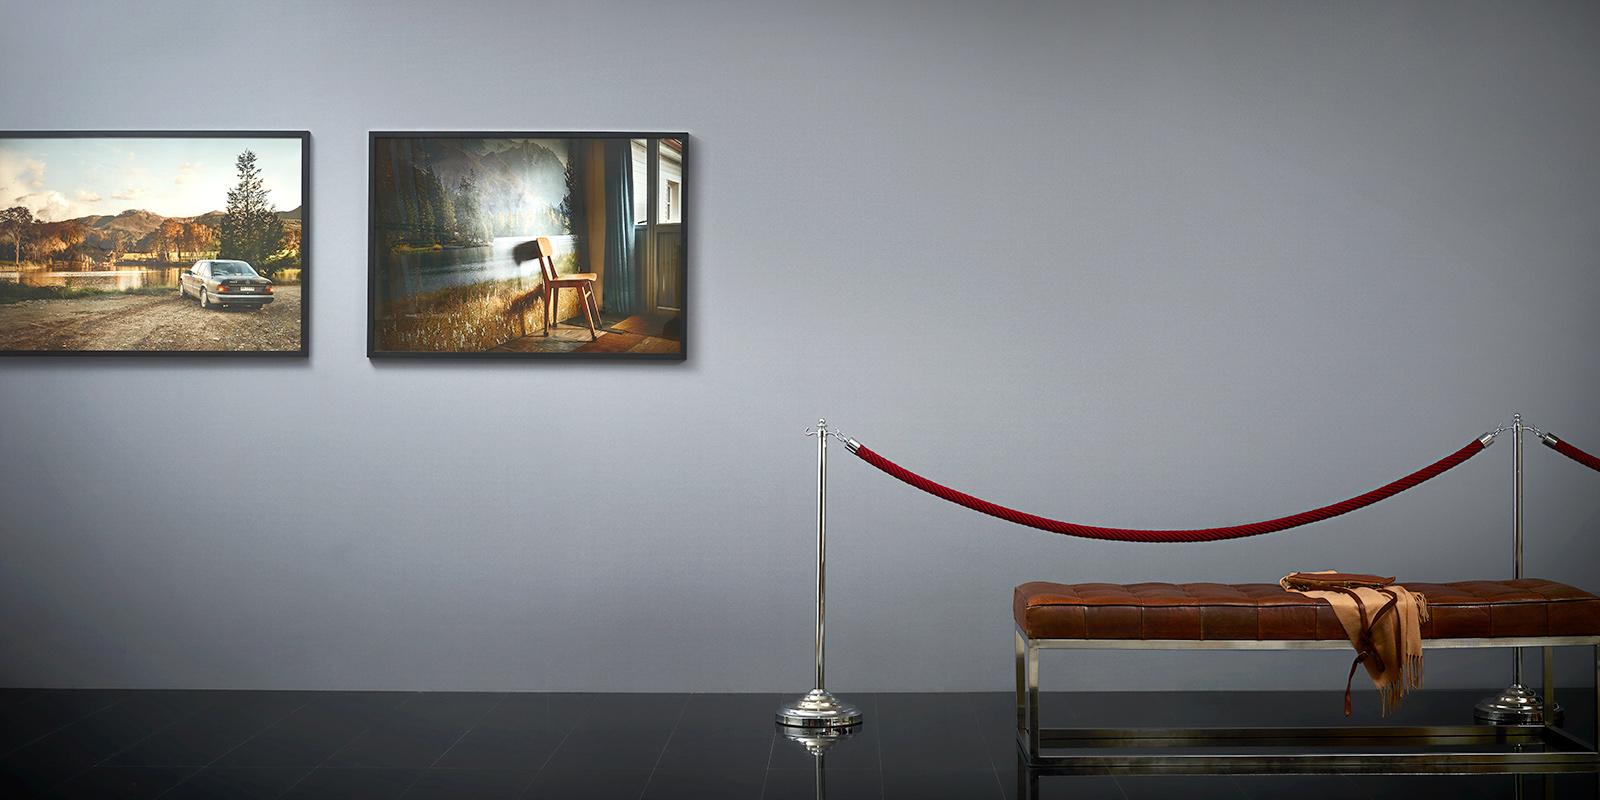 Fotografie und Fineart